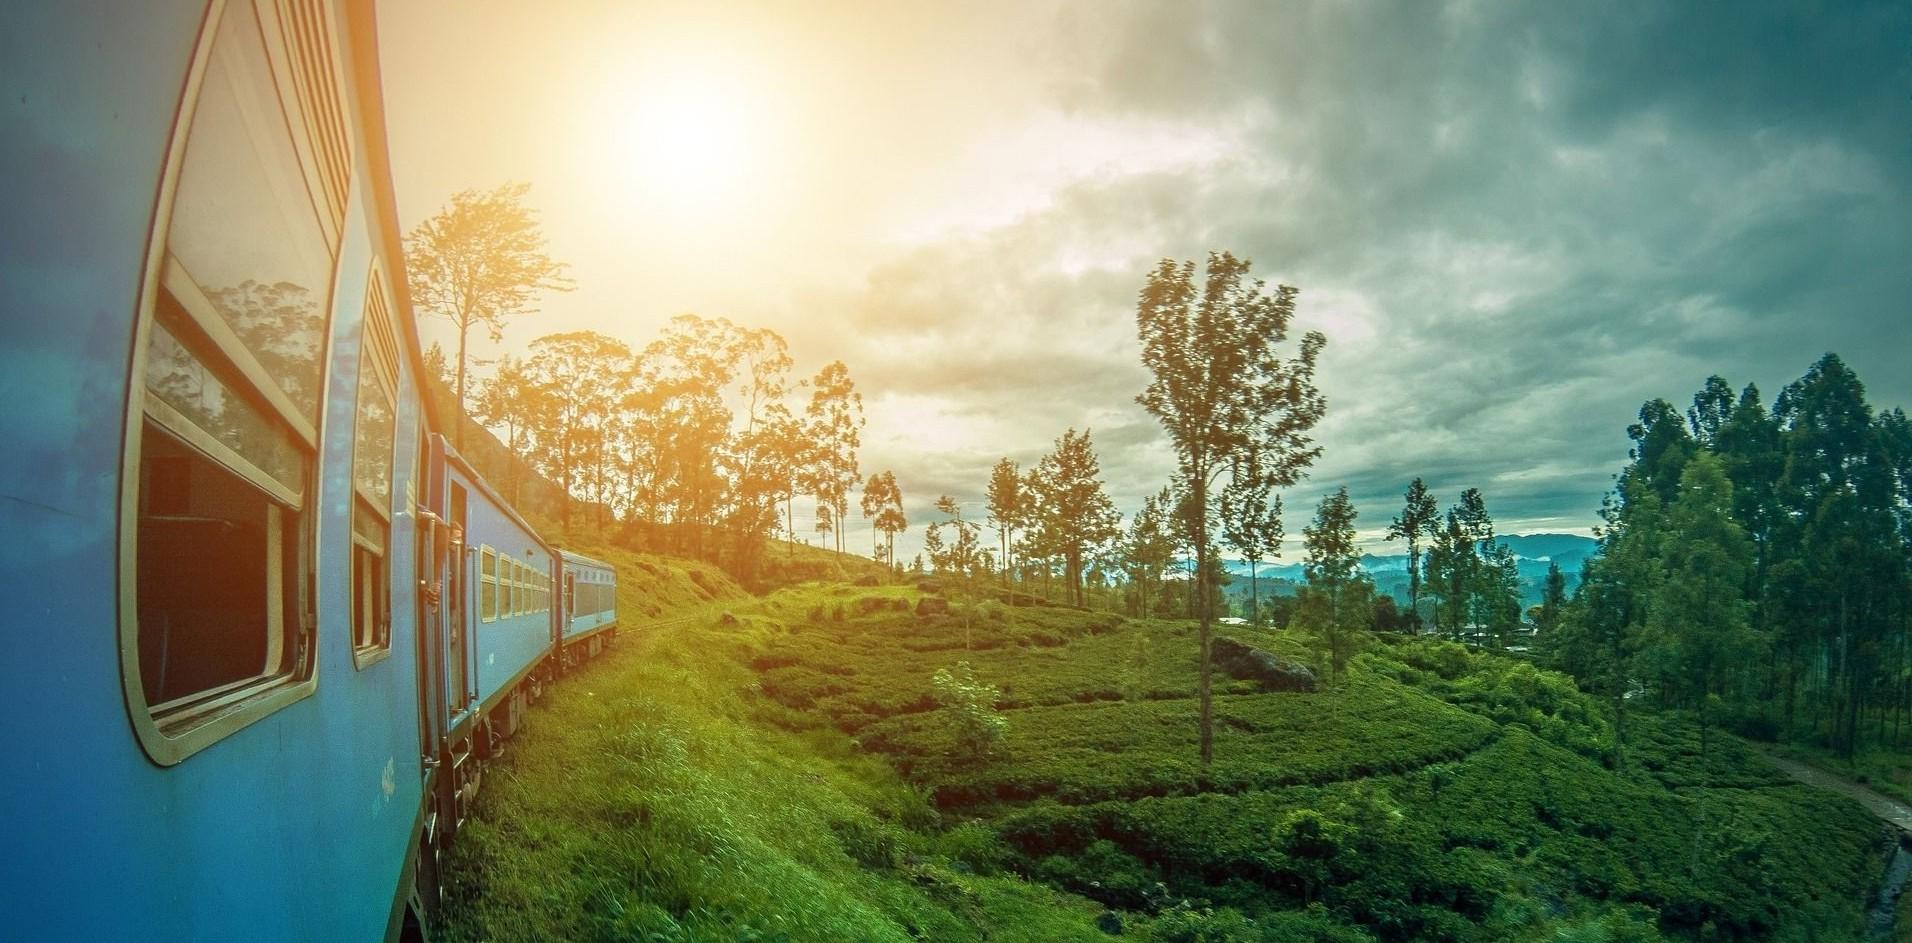 srilanka-nuwara-eliya